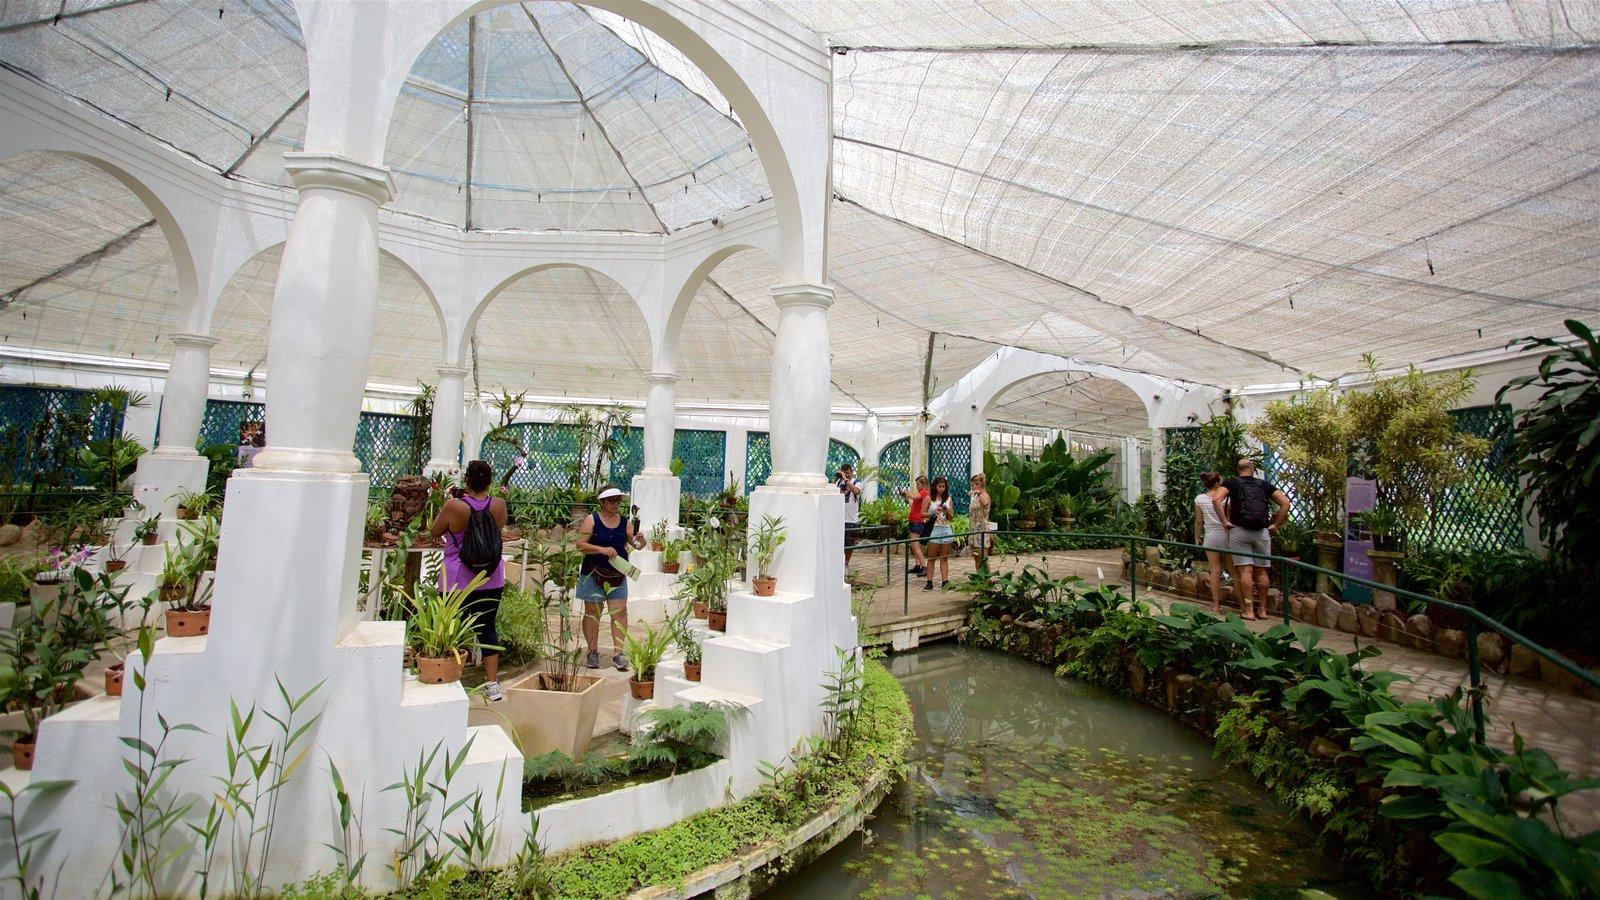 Fotos de parques y jardines ver im genes de brasil for Botanico jardin